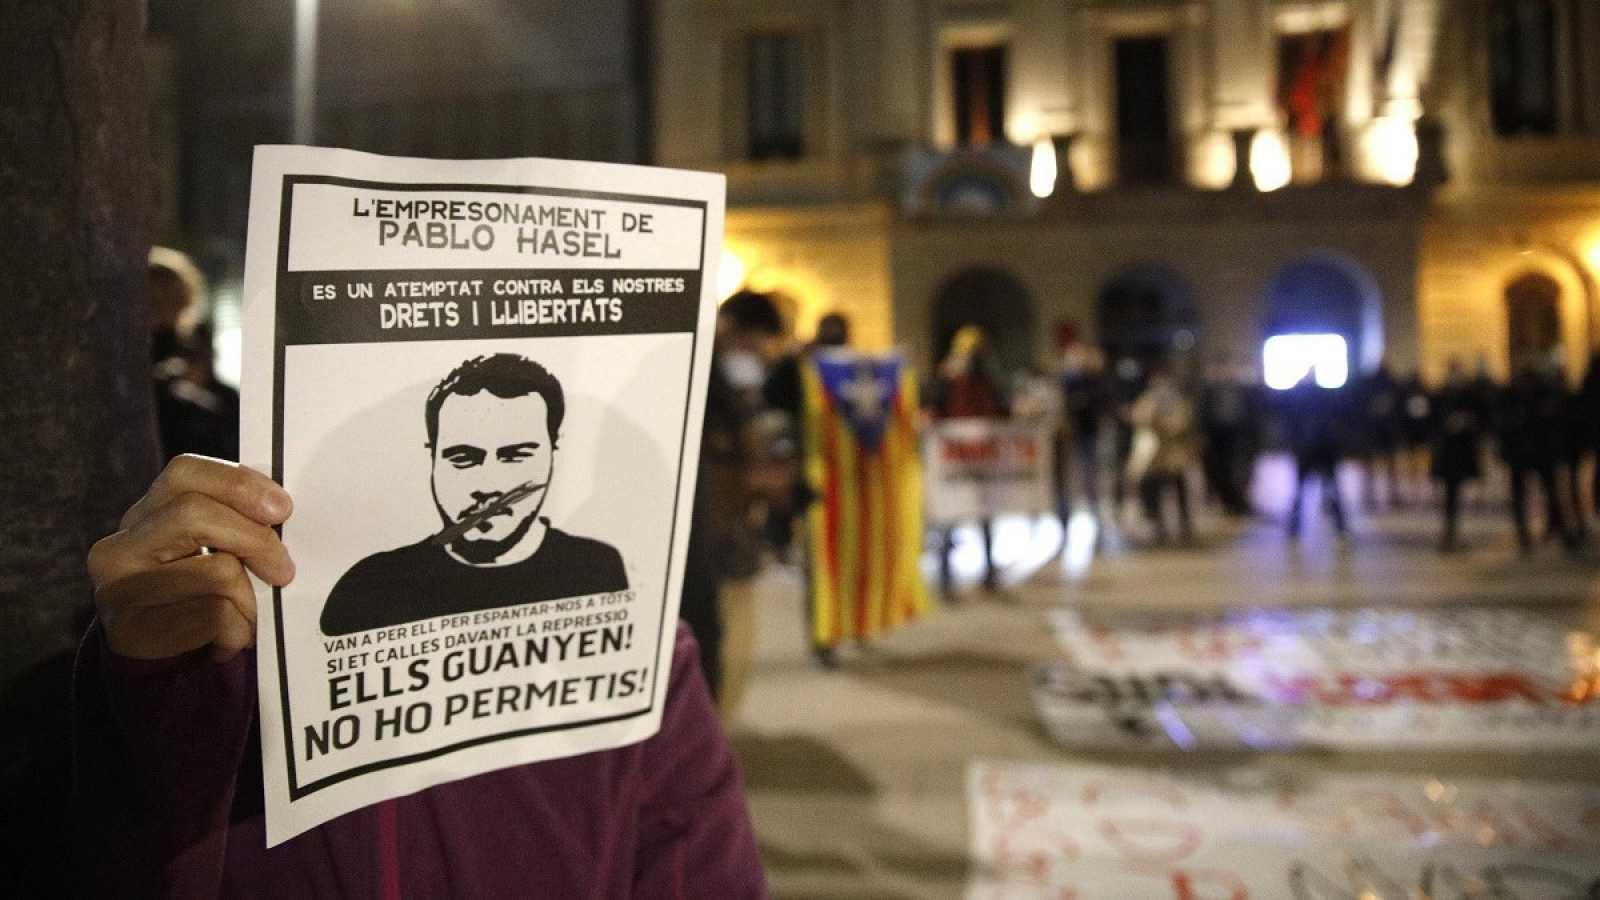 Manifiestación en Barcelona para pedir la libertad del rapero Pablo Hasél